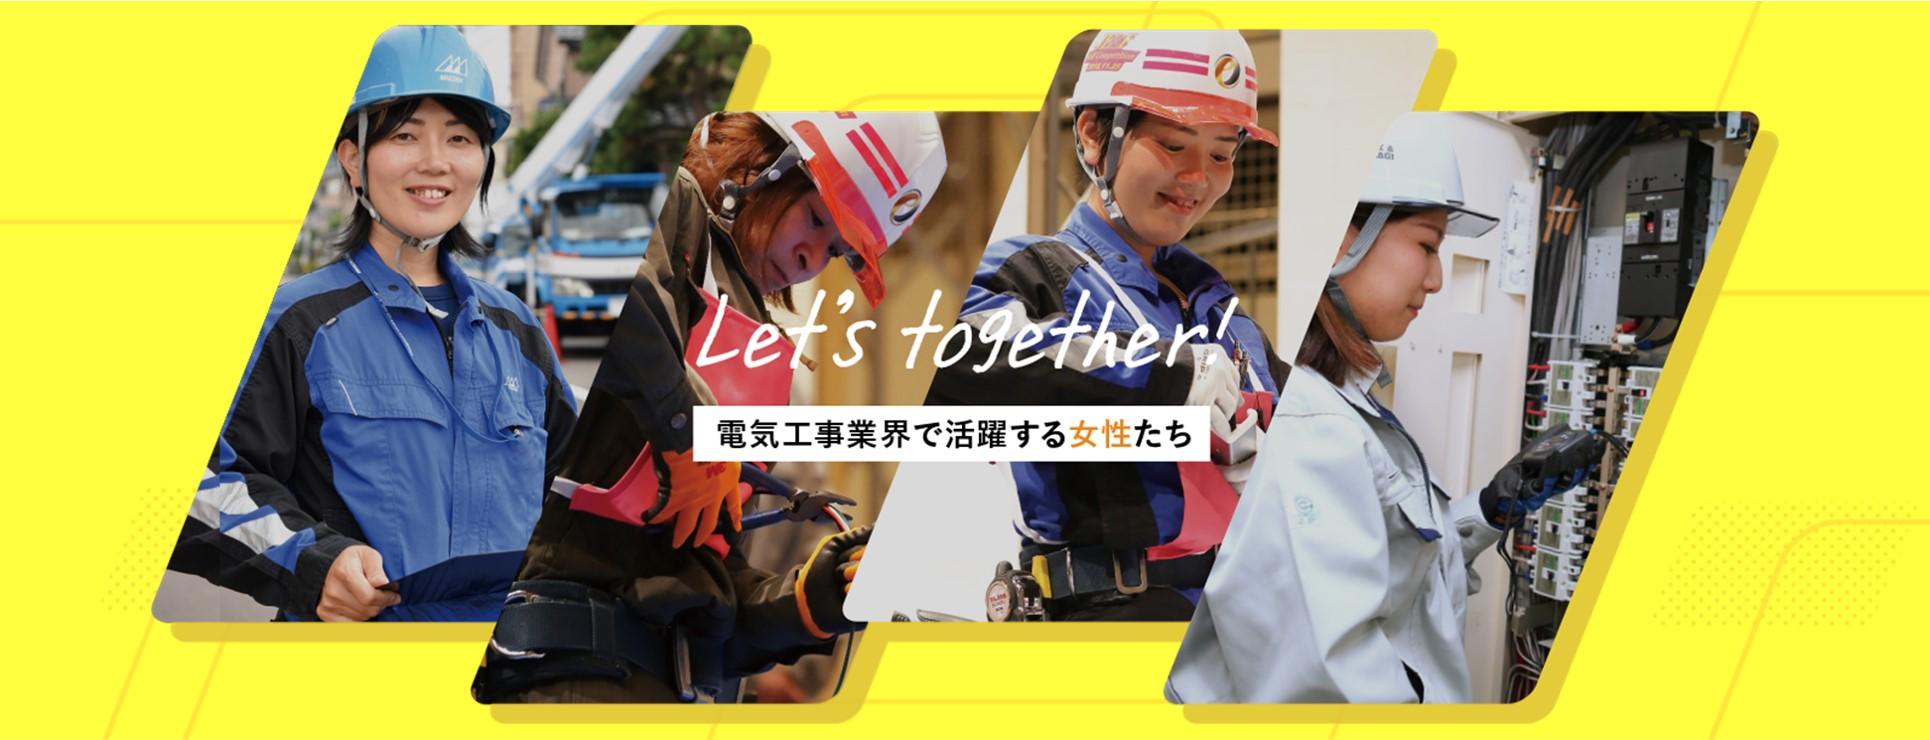 ②電気工事業界で活躍する女性たち